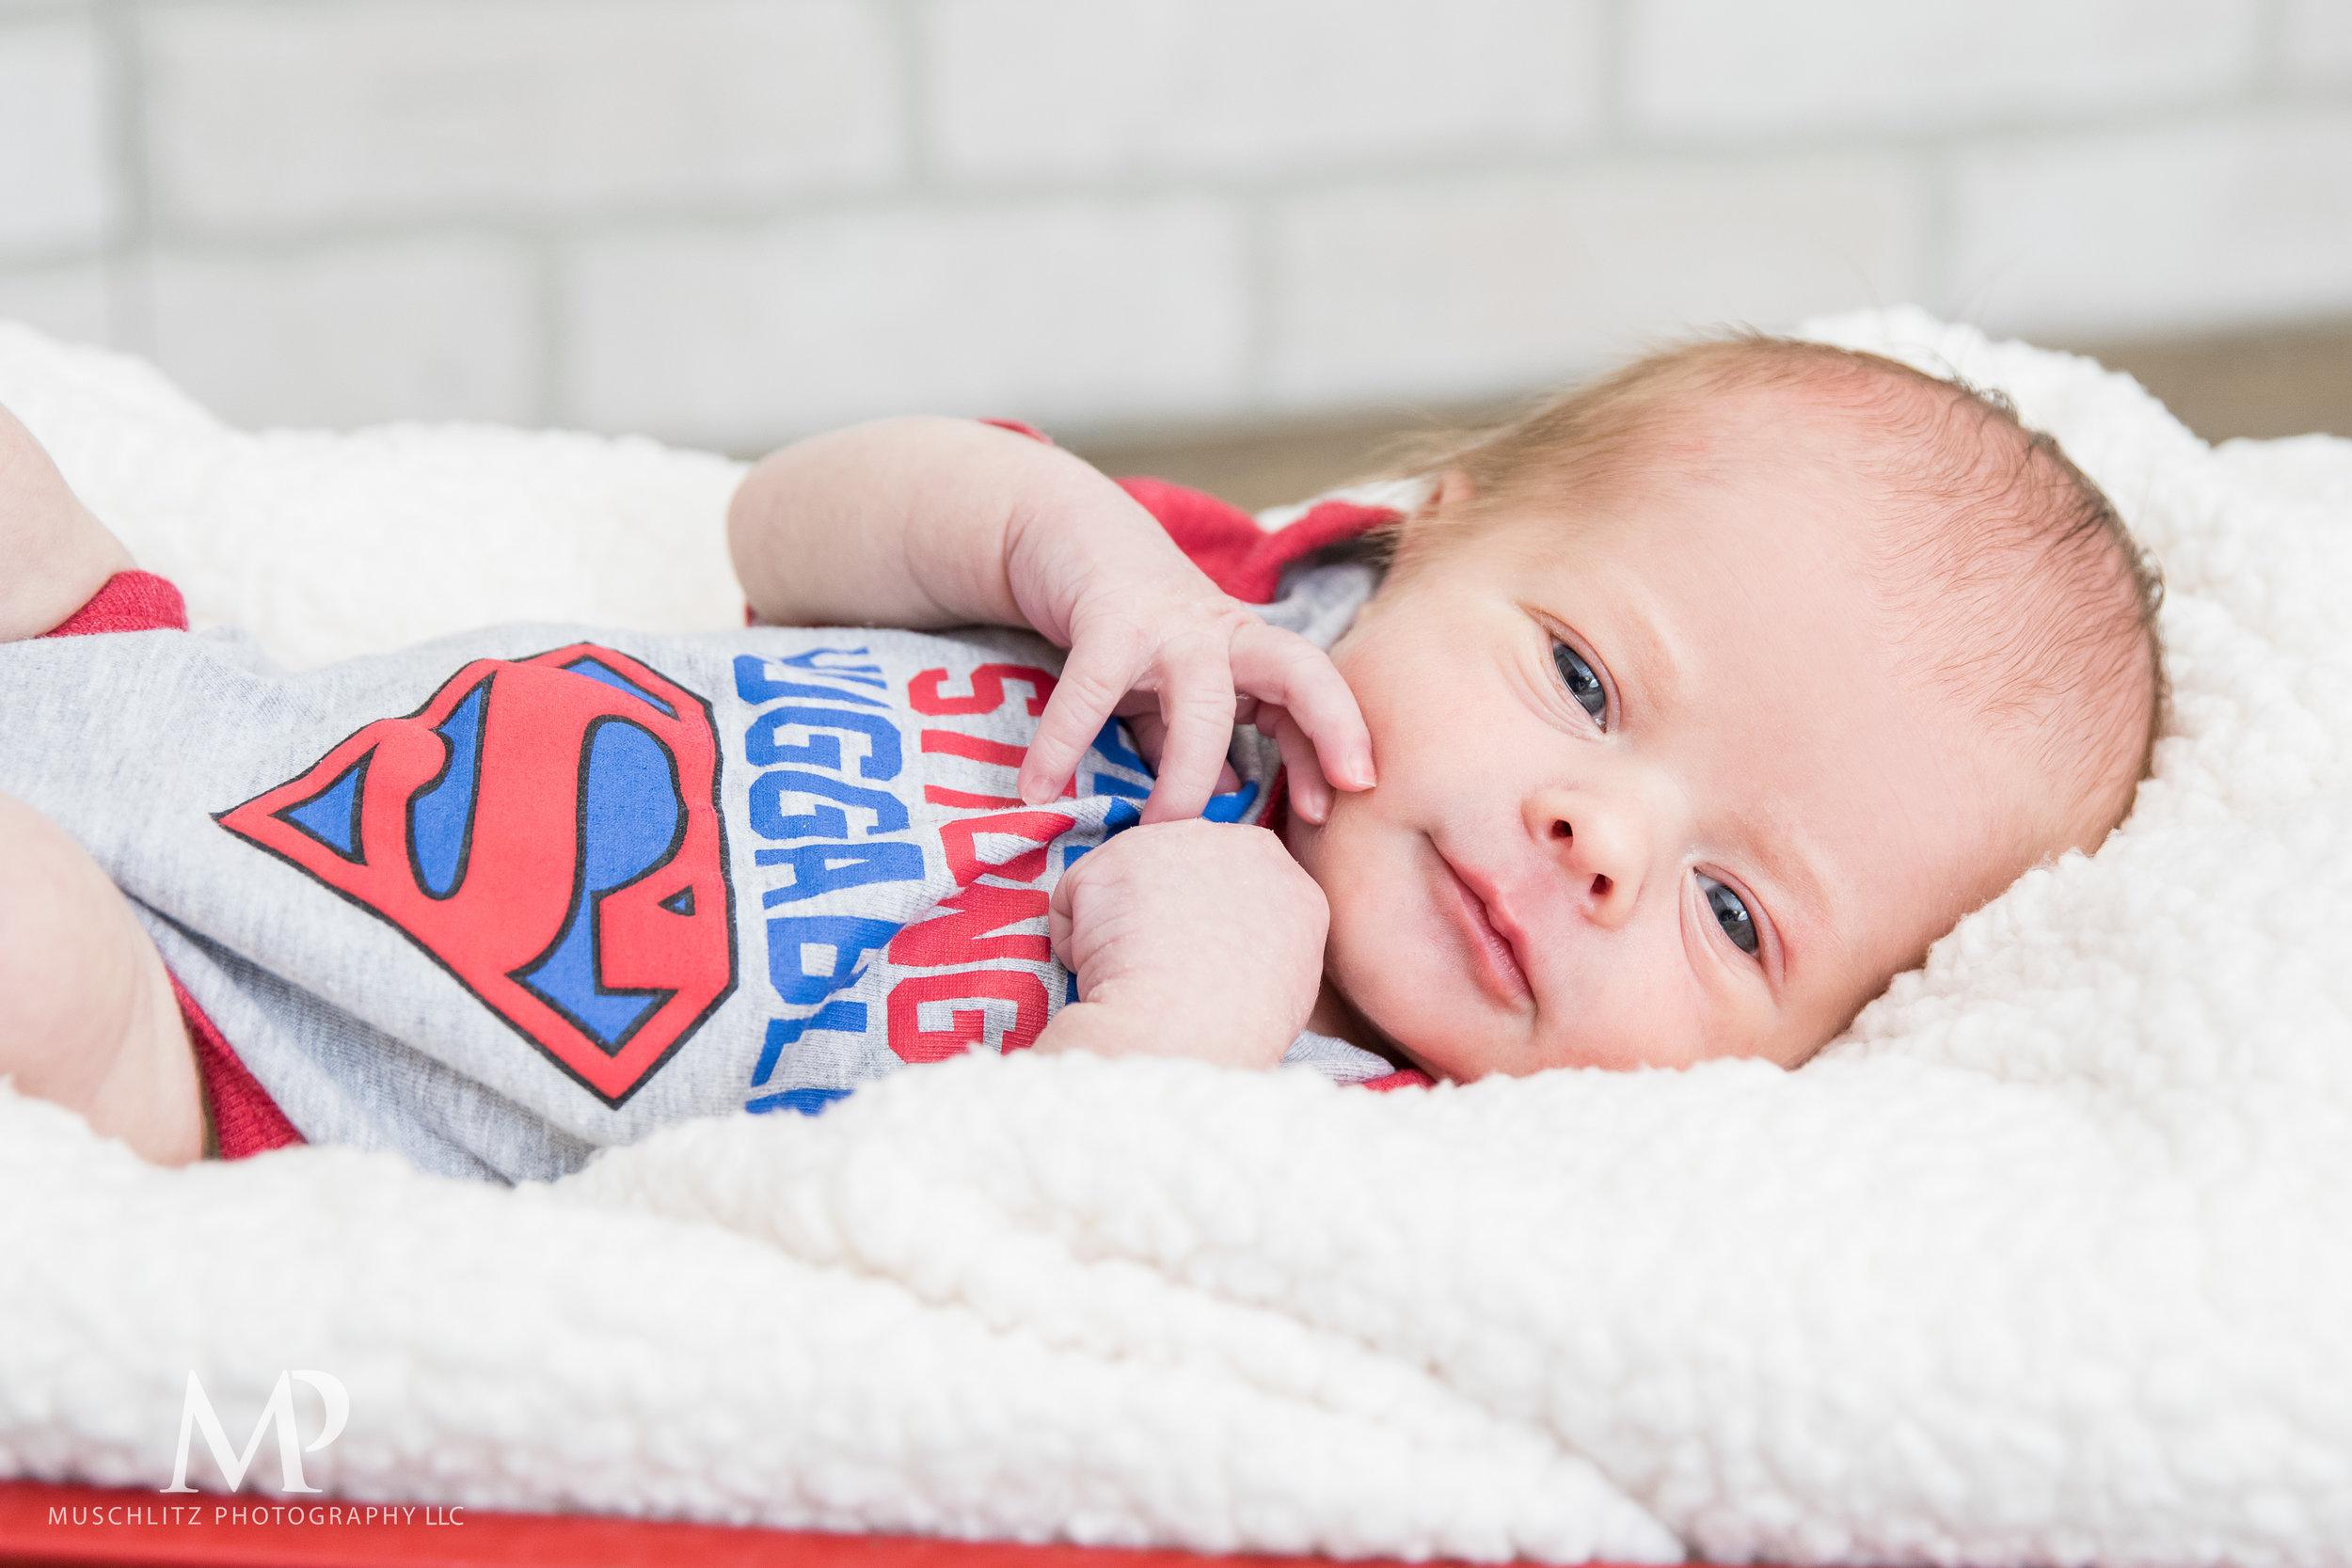 newborn-baby-photographer-columbus-ohio-gahanna-muschlitz-photography-009.JPG